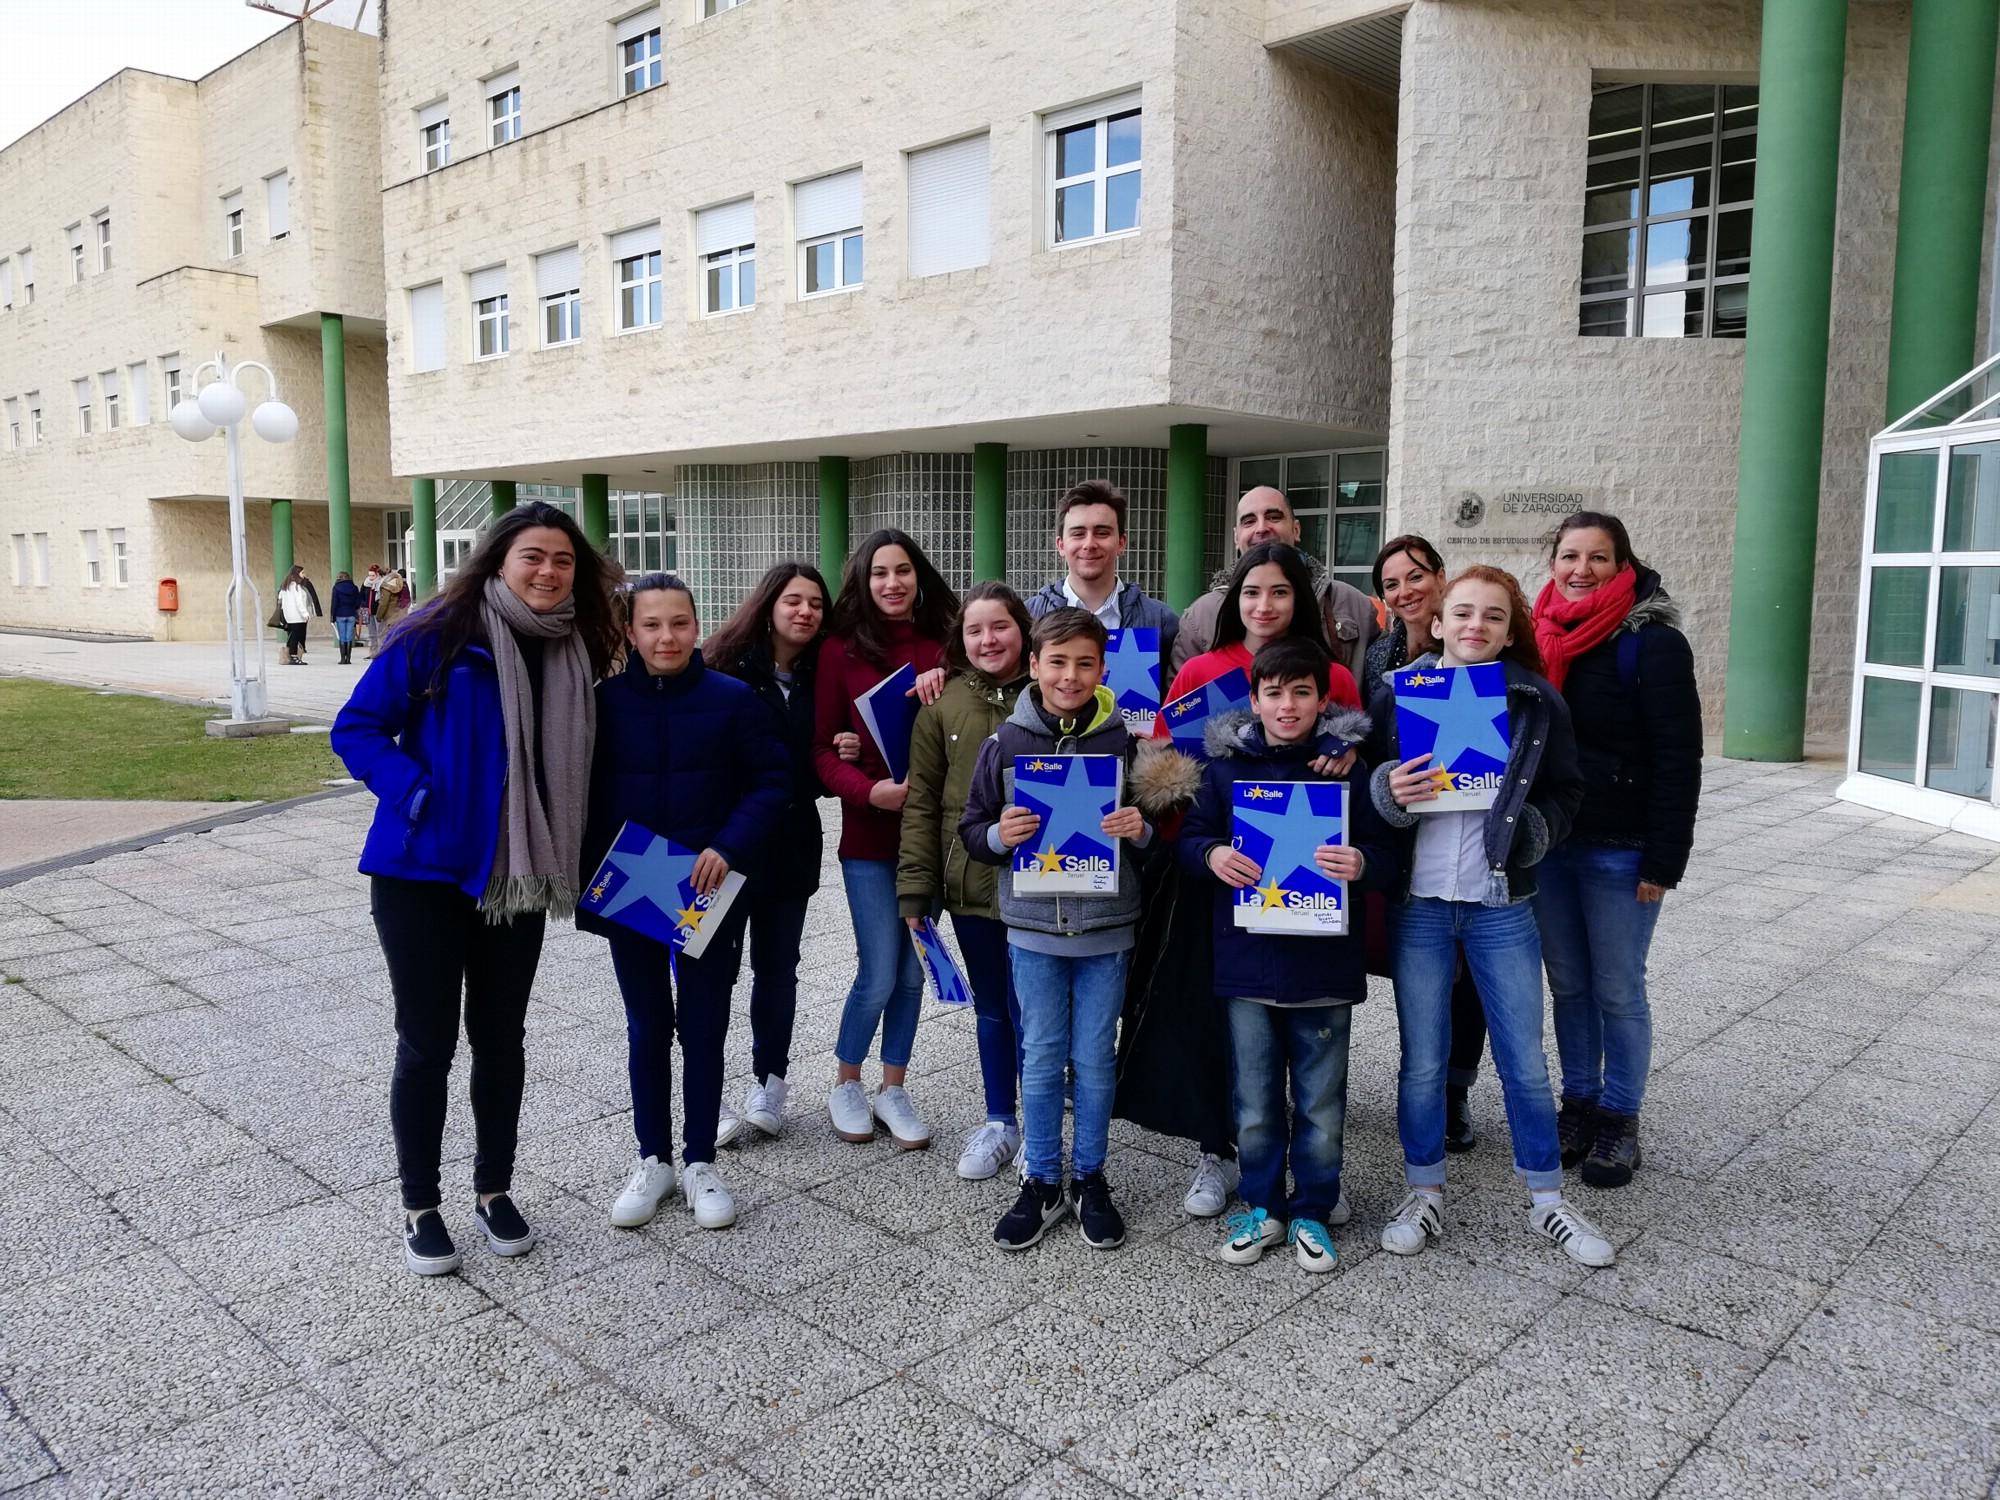 Participantes en el concurso de lectura en público y sus profesores